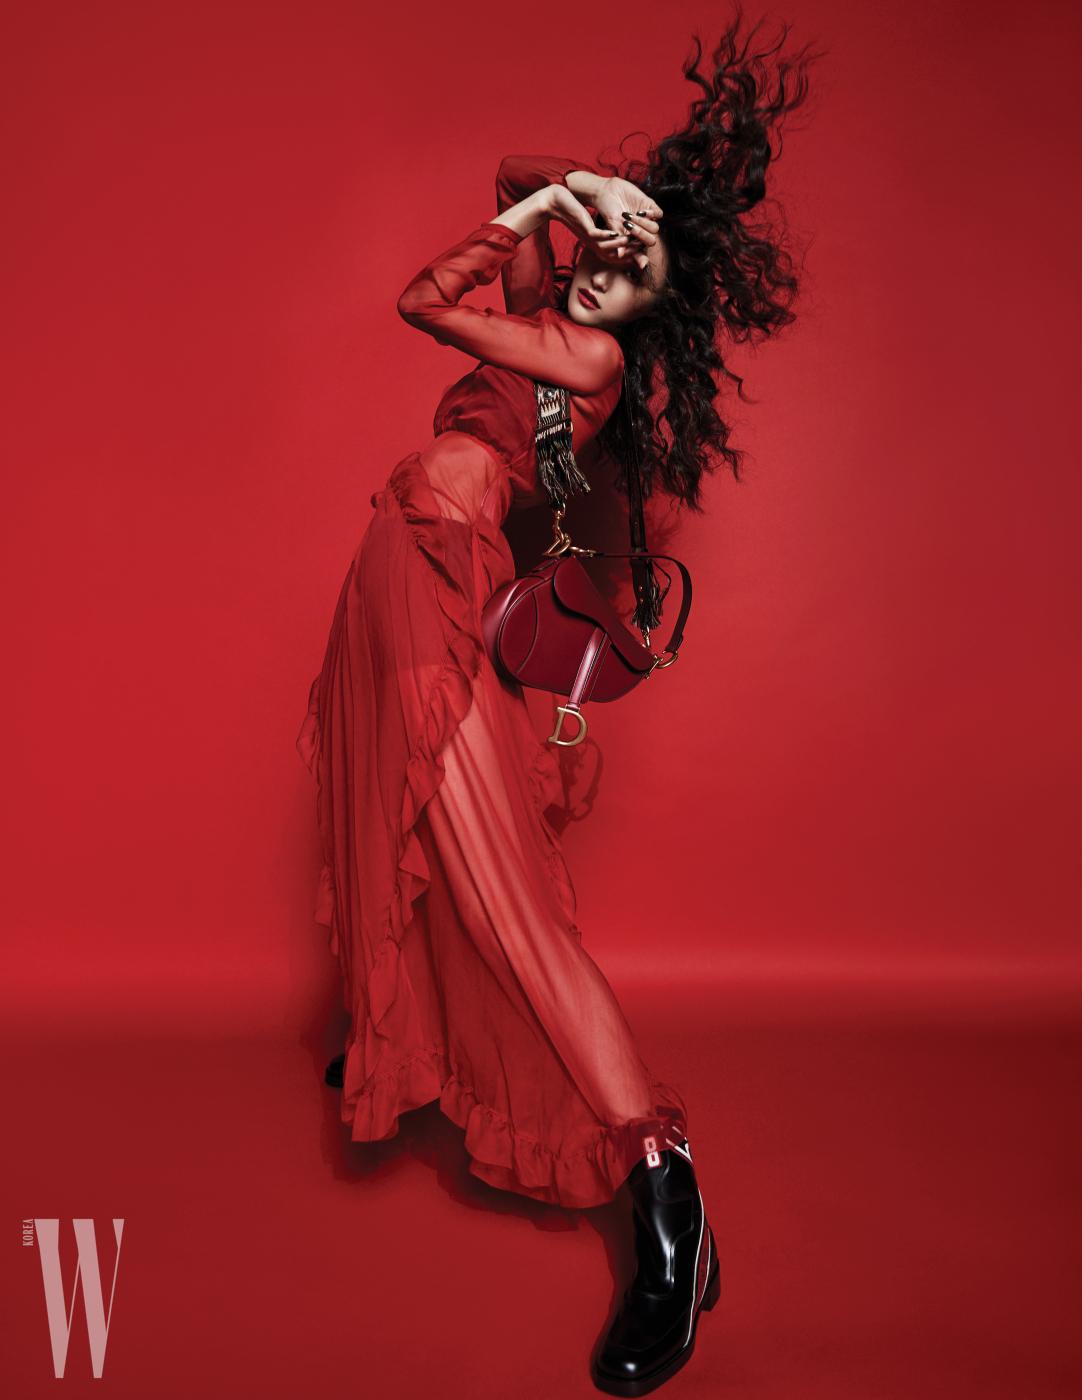 붉은색 시스루 드레스, 이너 톱과 브리프, 프린지 장식 핸들이 돋보이는 새들백, 부츠는 모두 Dior 제품.